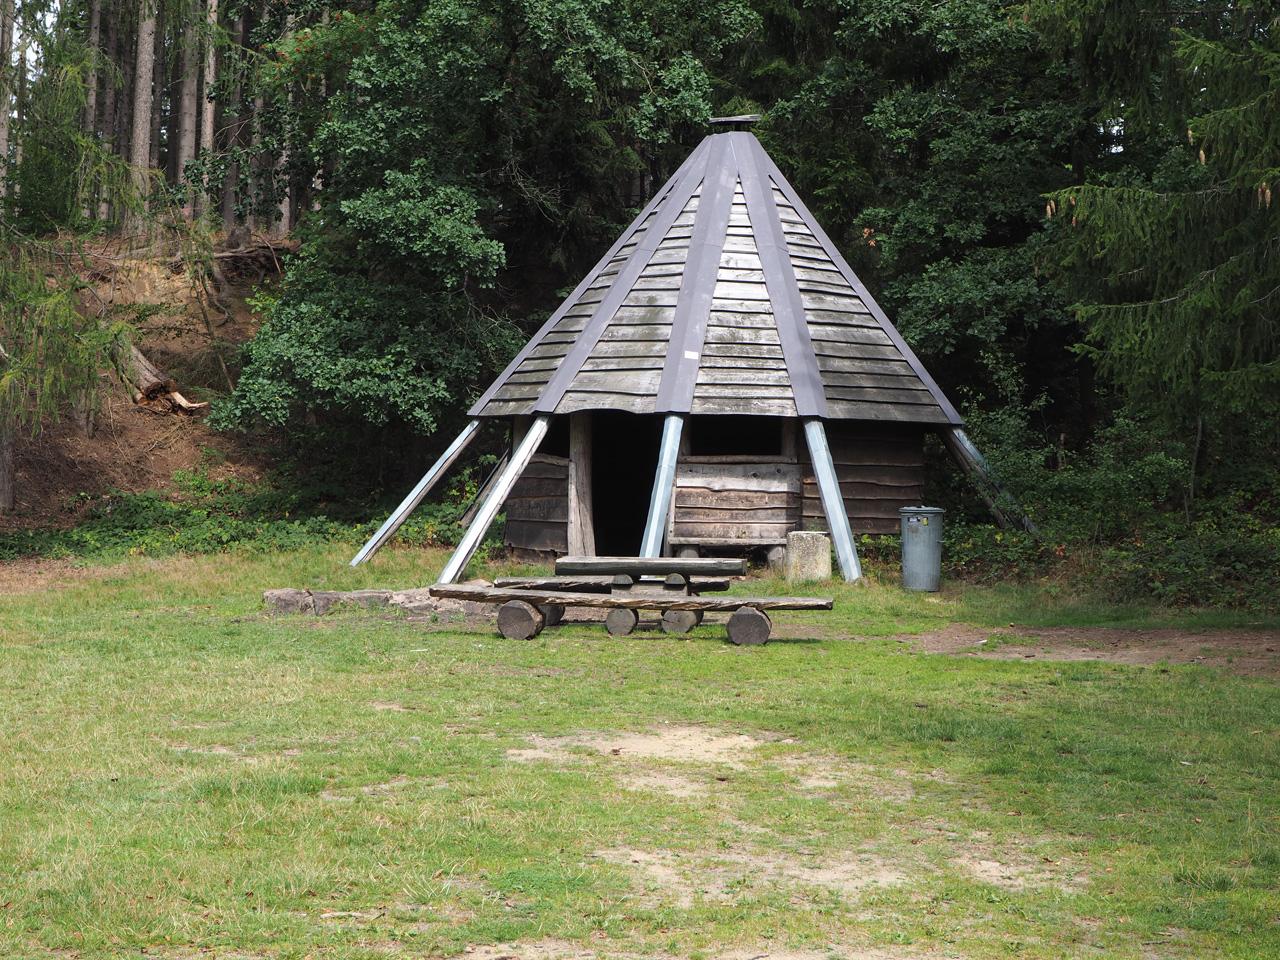 de Müller Teich en piramide schuilhut